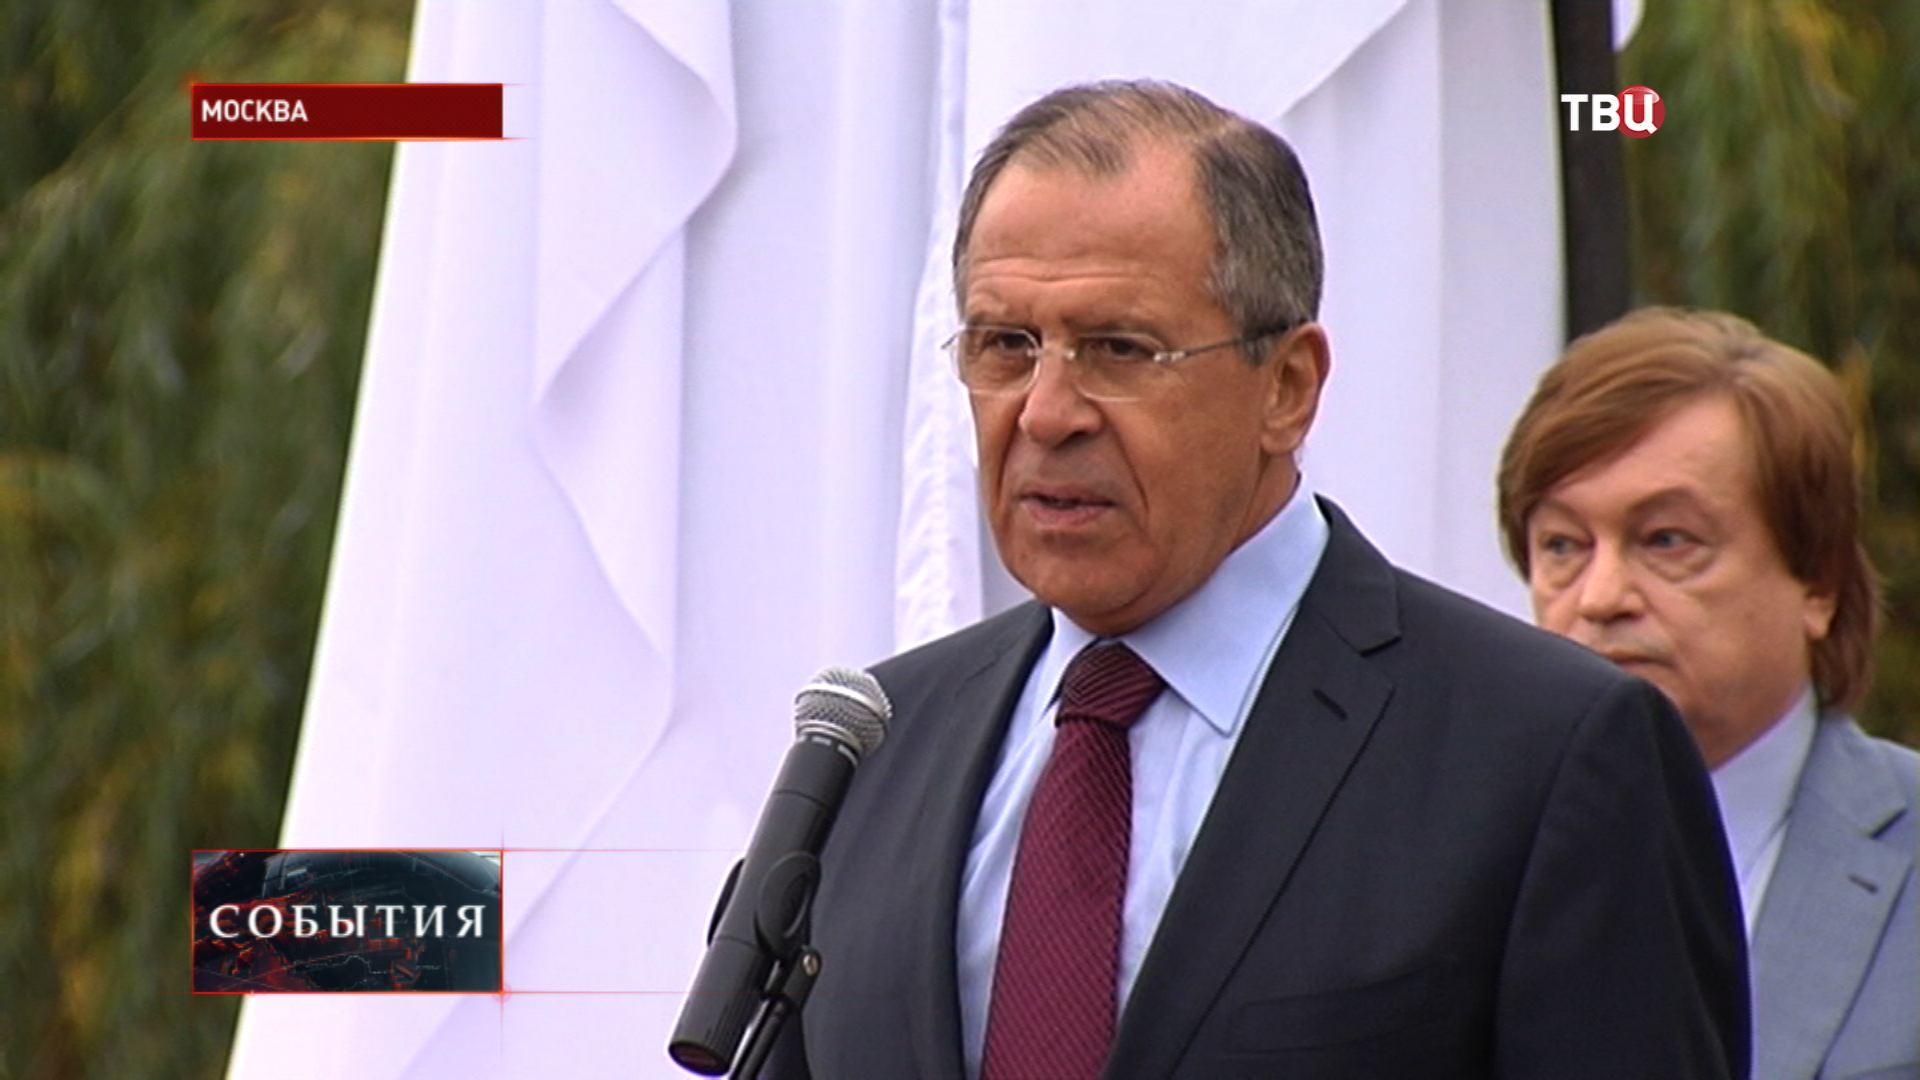 Сергей Лавров на юбилее МГИМО